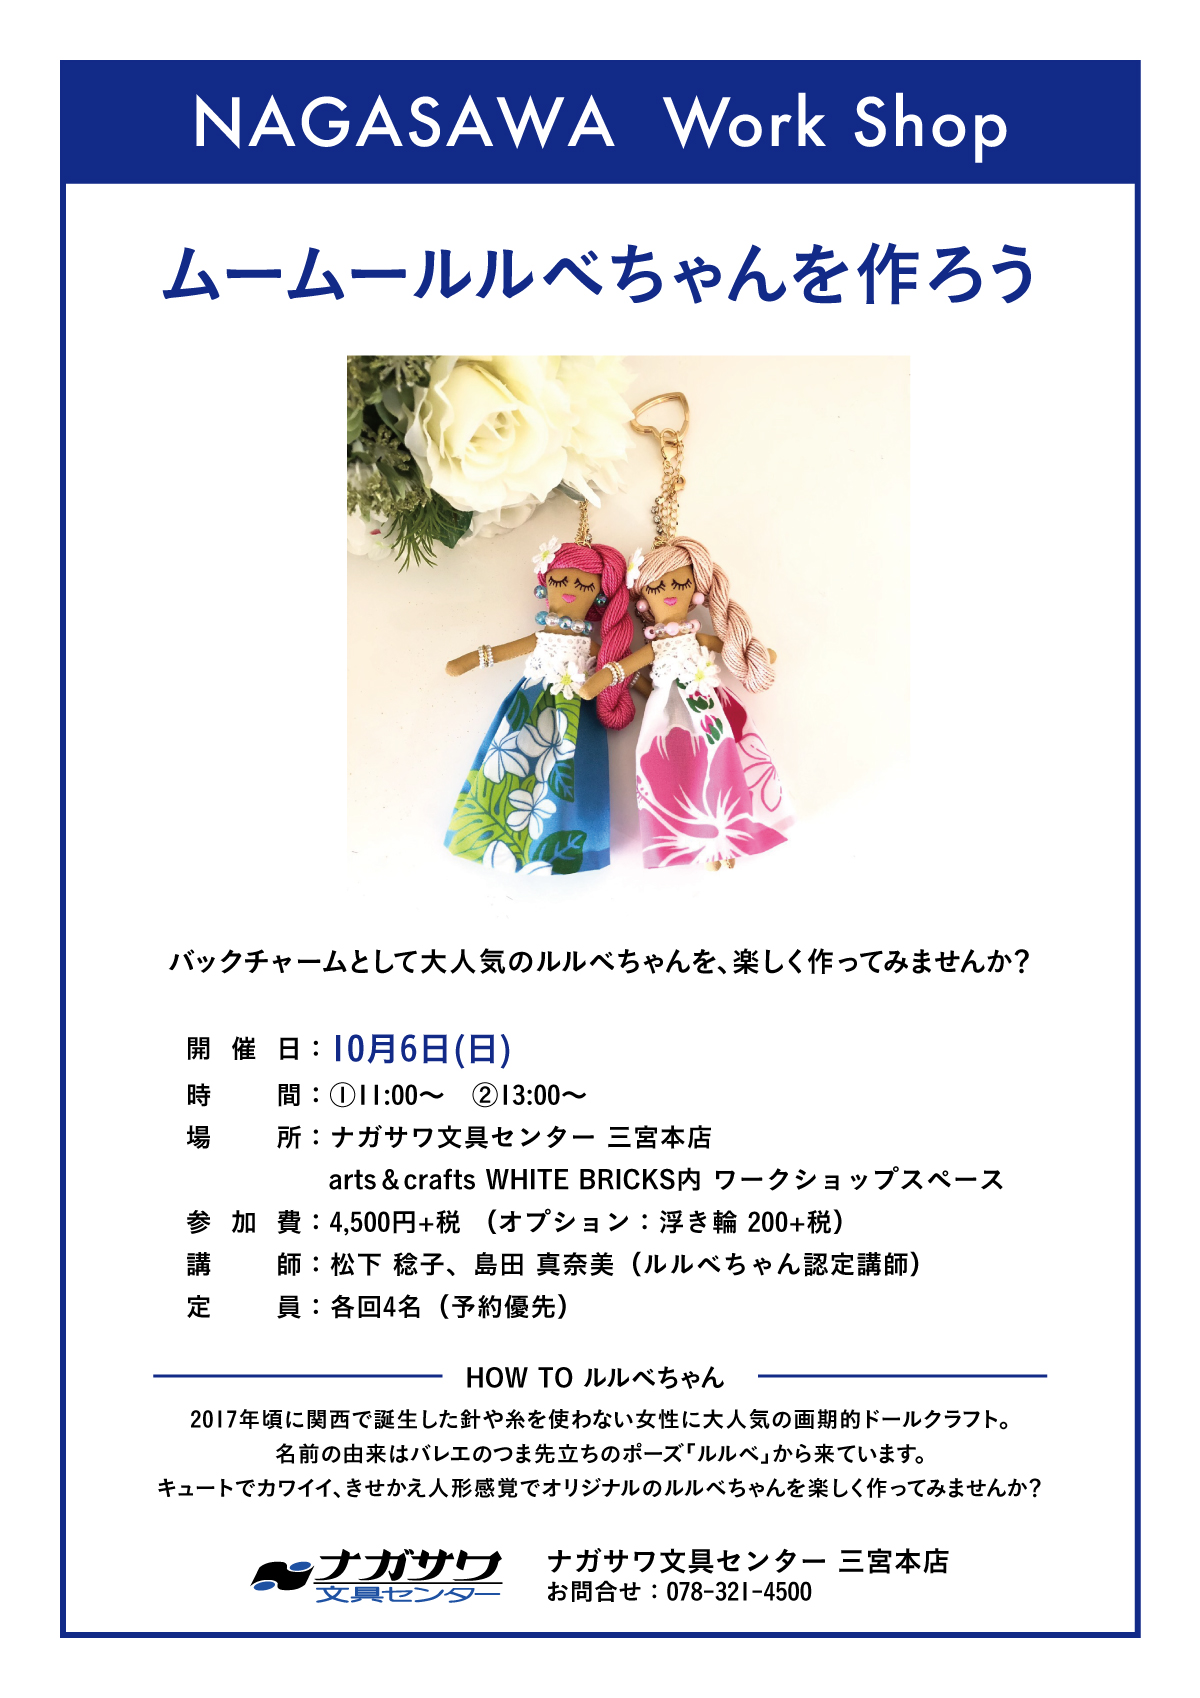 【本店】バッグチャームとして絶大な人気を誇るルルベちゃんをつくるワークショップ